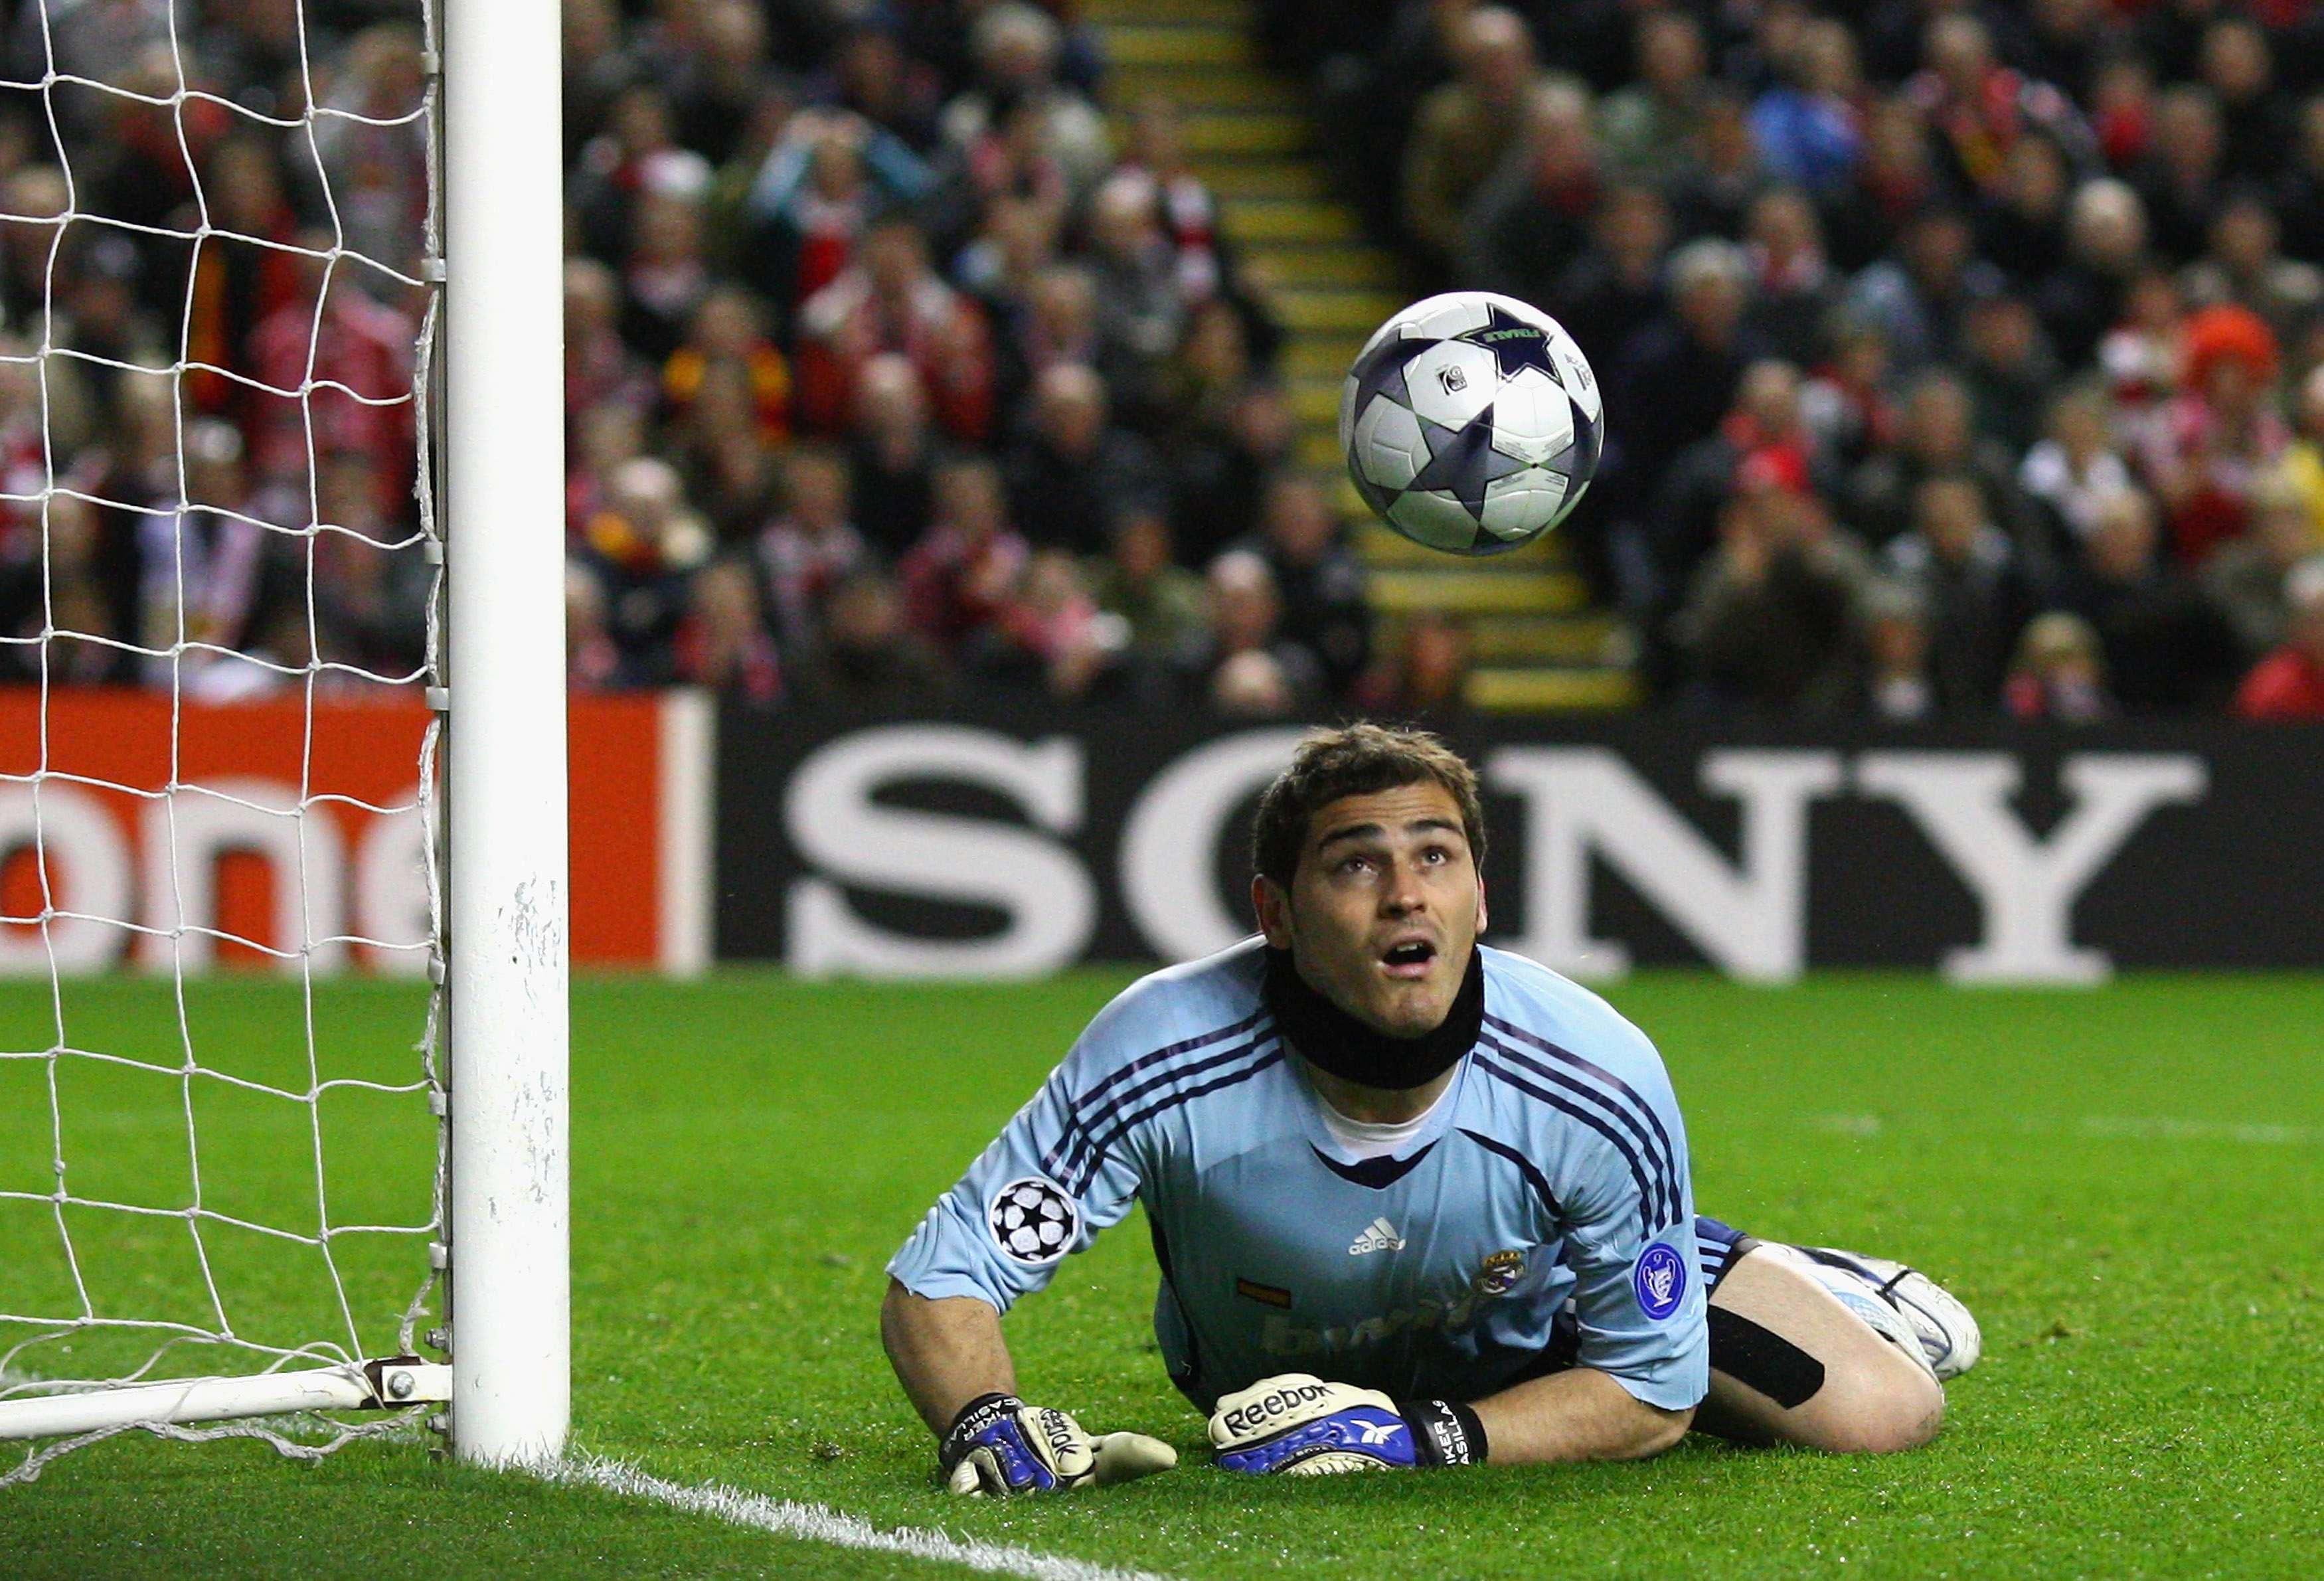 Encuentro entre el Real Madrid y el Liverpool. Foto: Getty Images